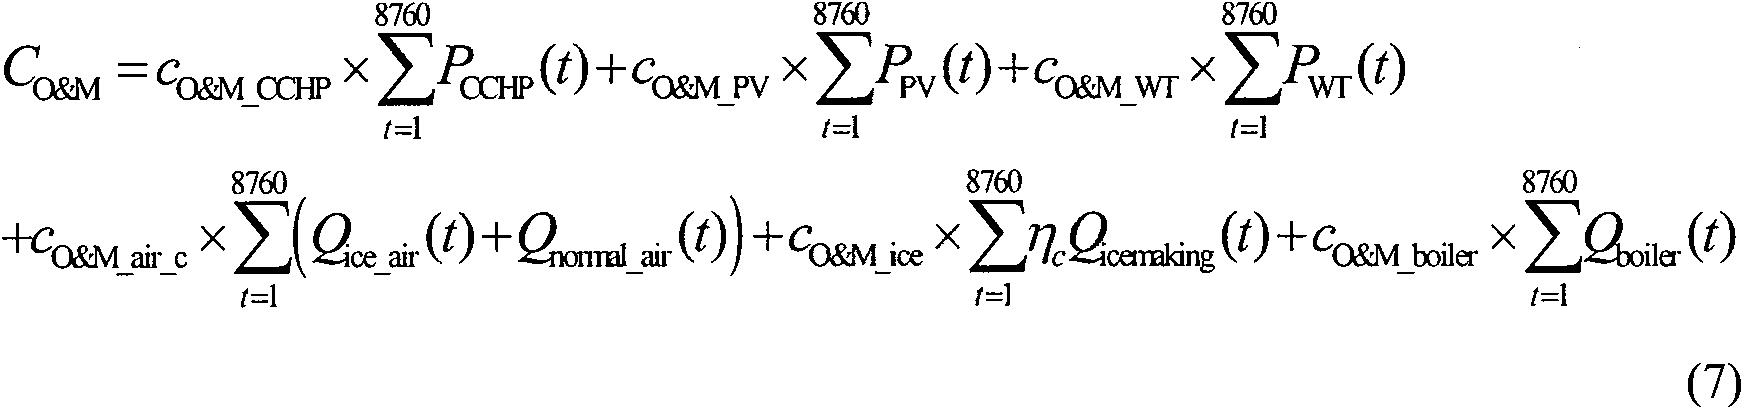 Figure PCTCN2014088992-appb-000005